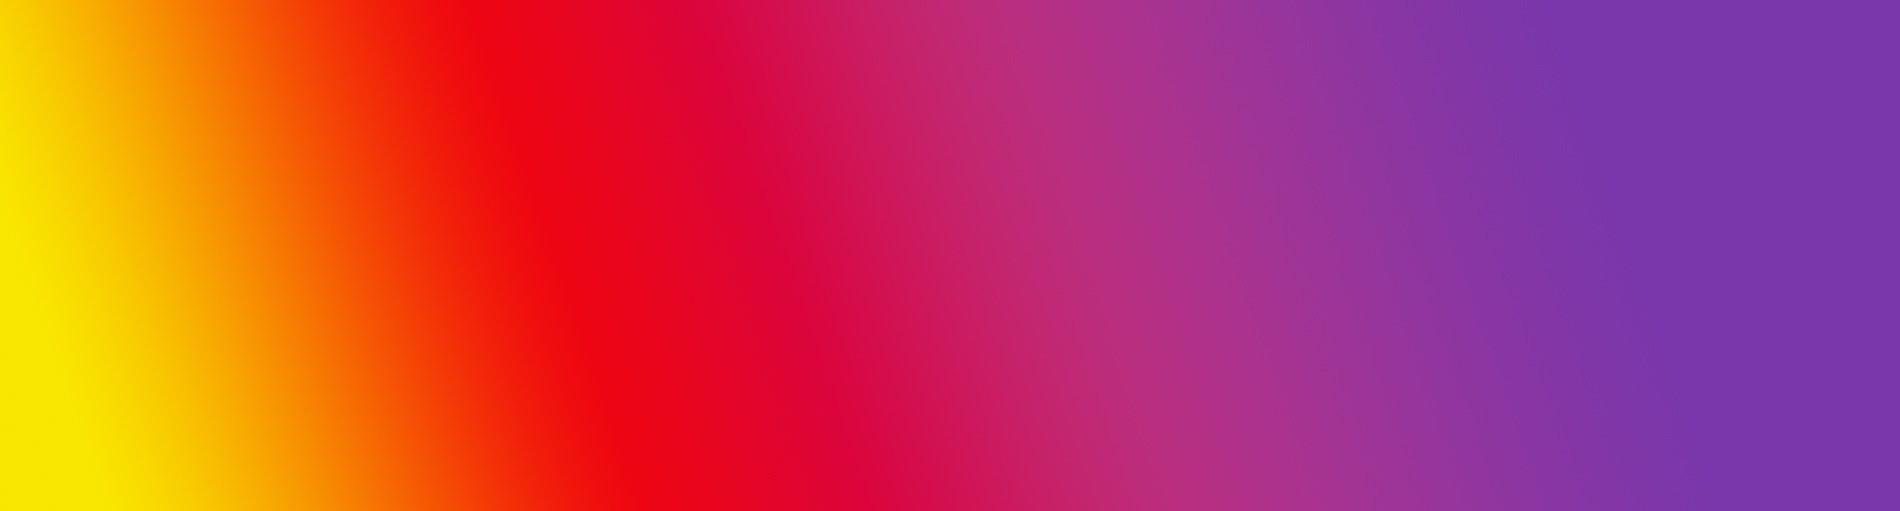 Der typische Instagram Farbverlauf von gelb über rot und pink bis lila